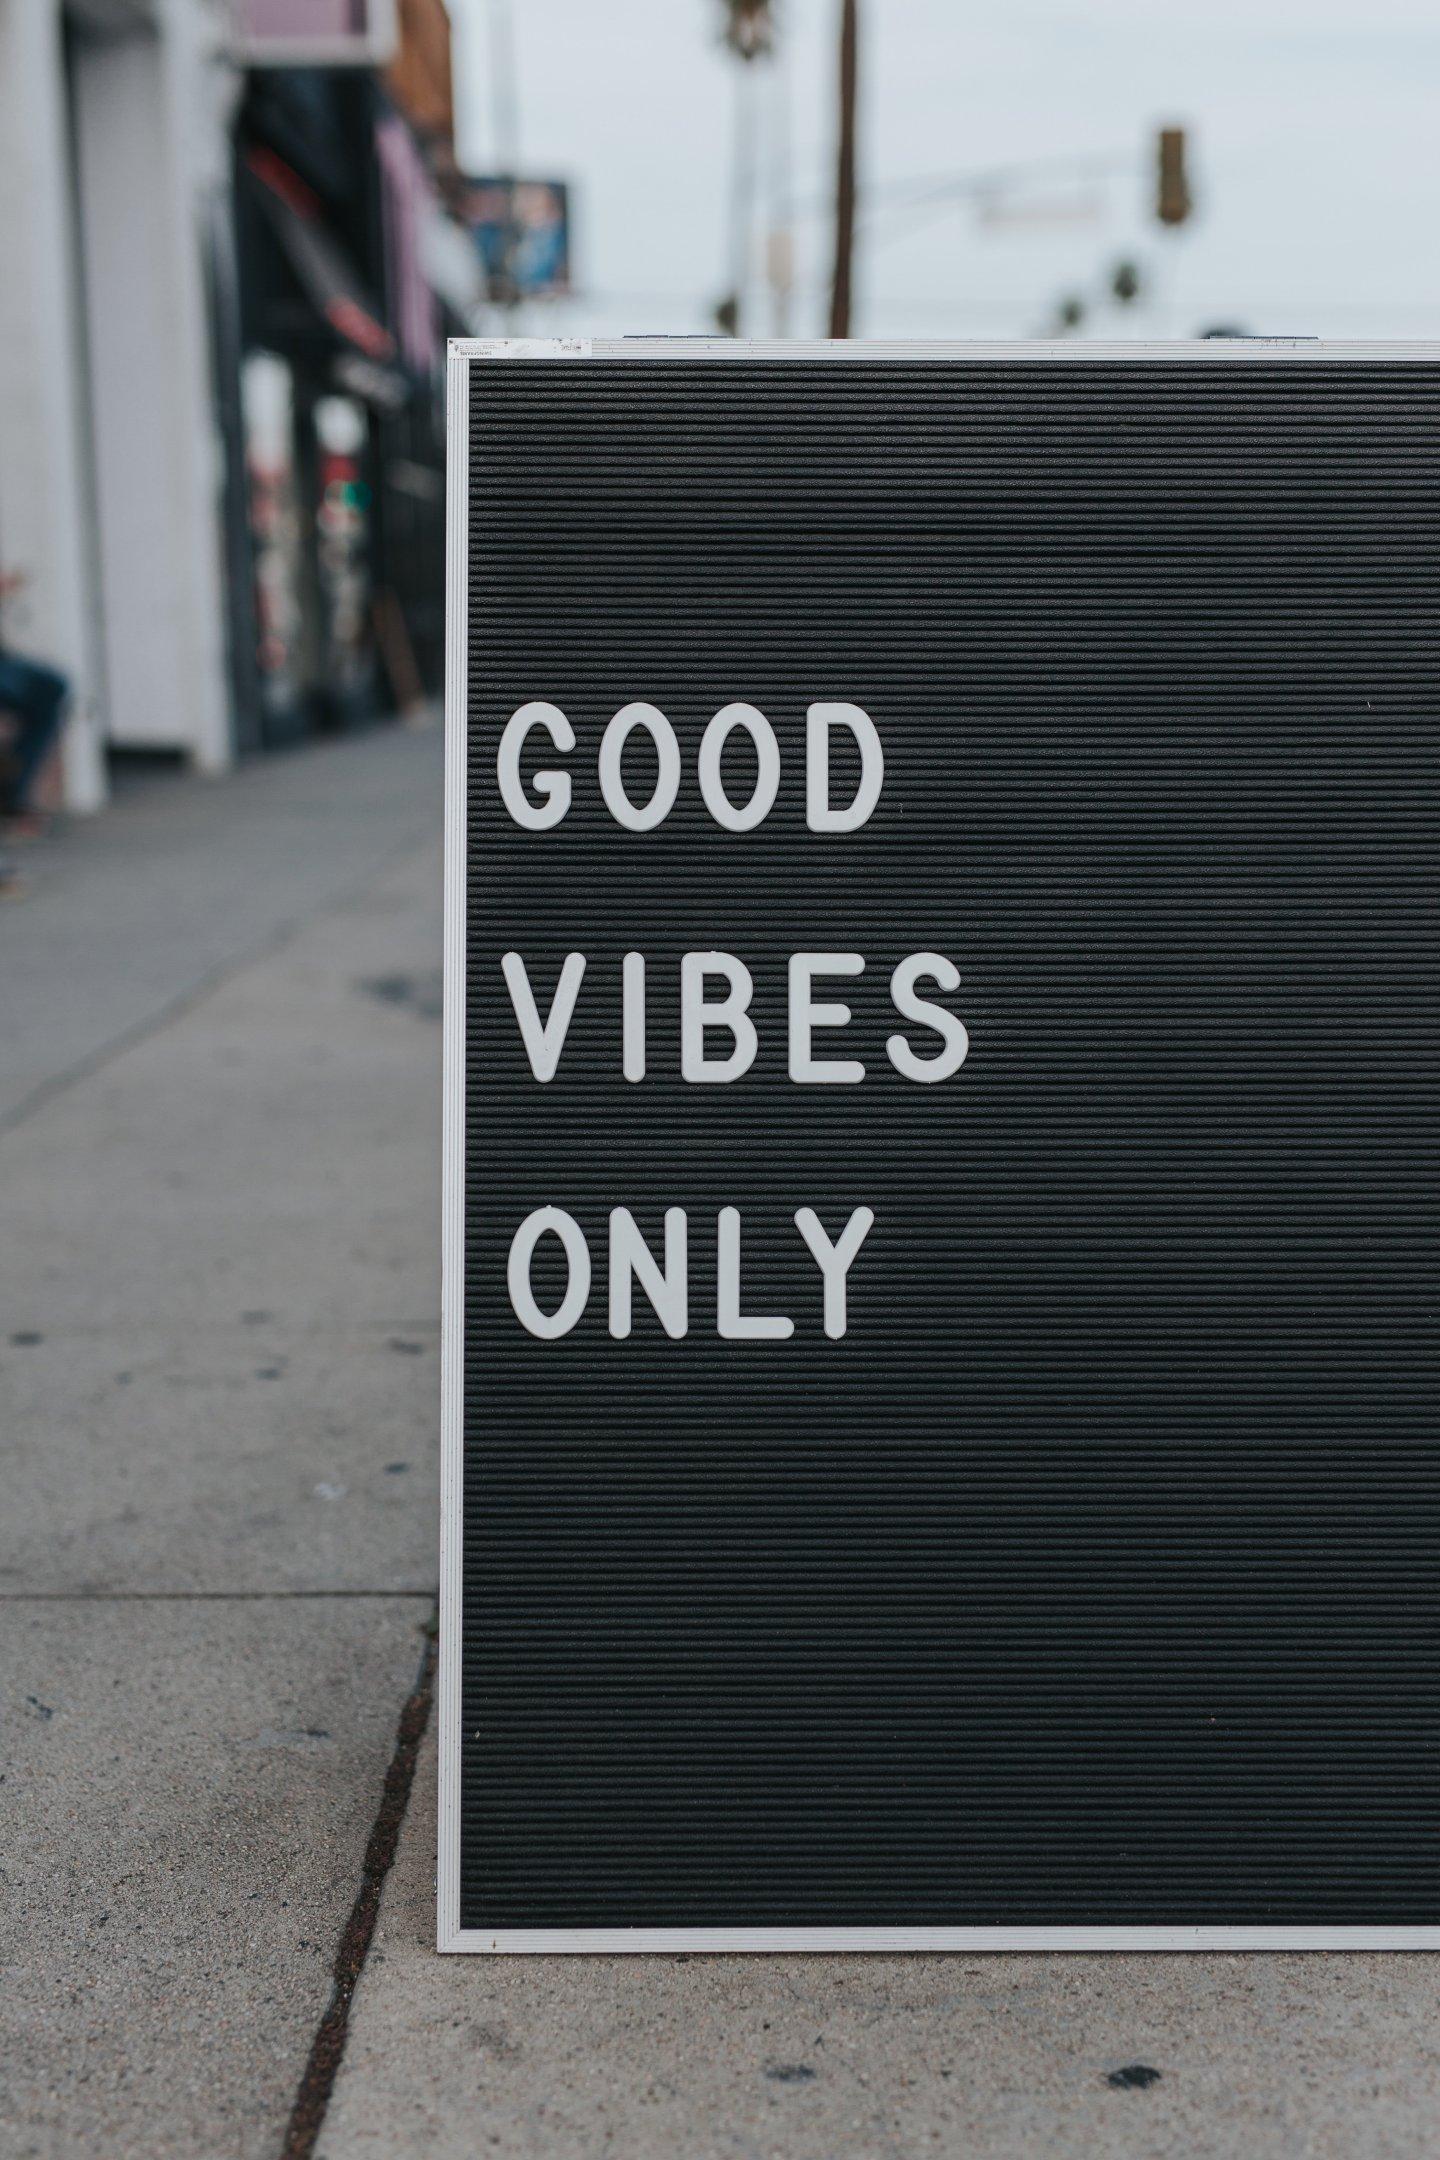 Good Vibes Only - Verurteilt du mich, verurteile ich dich